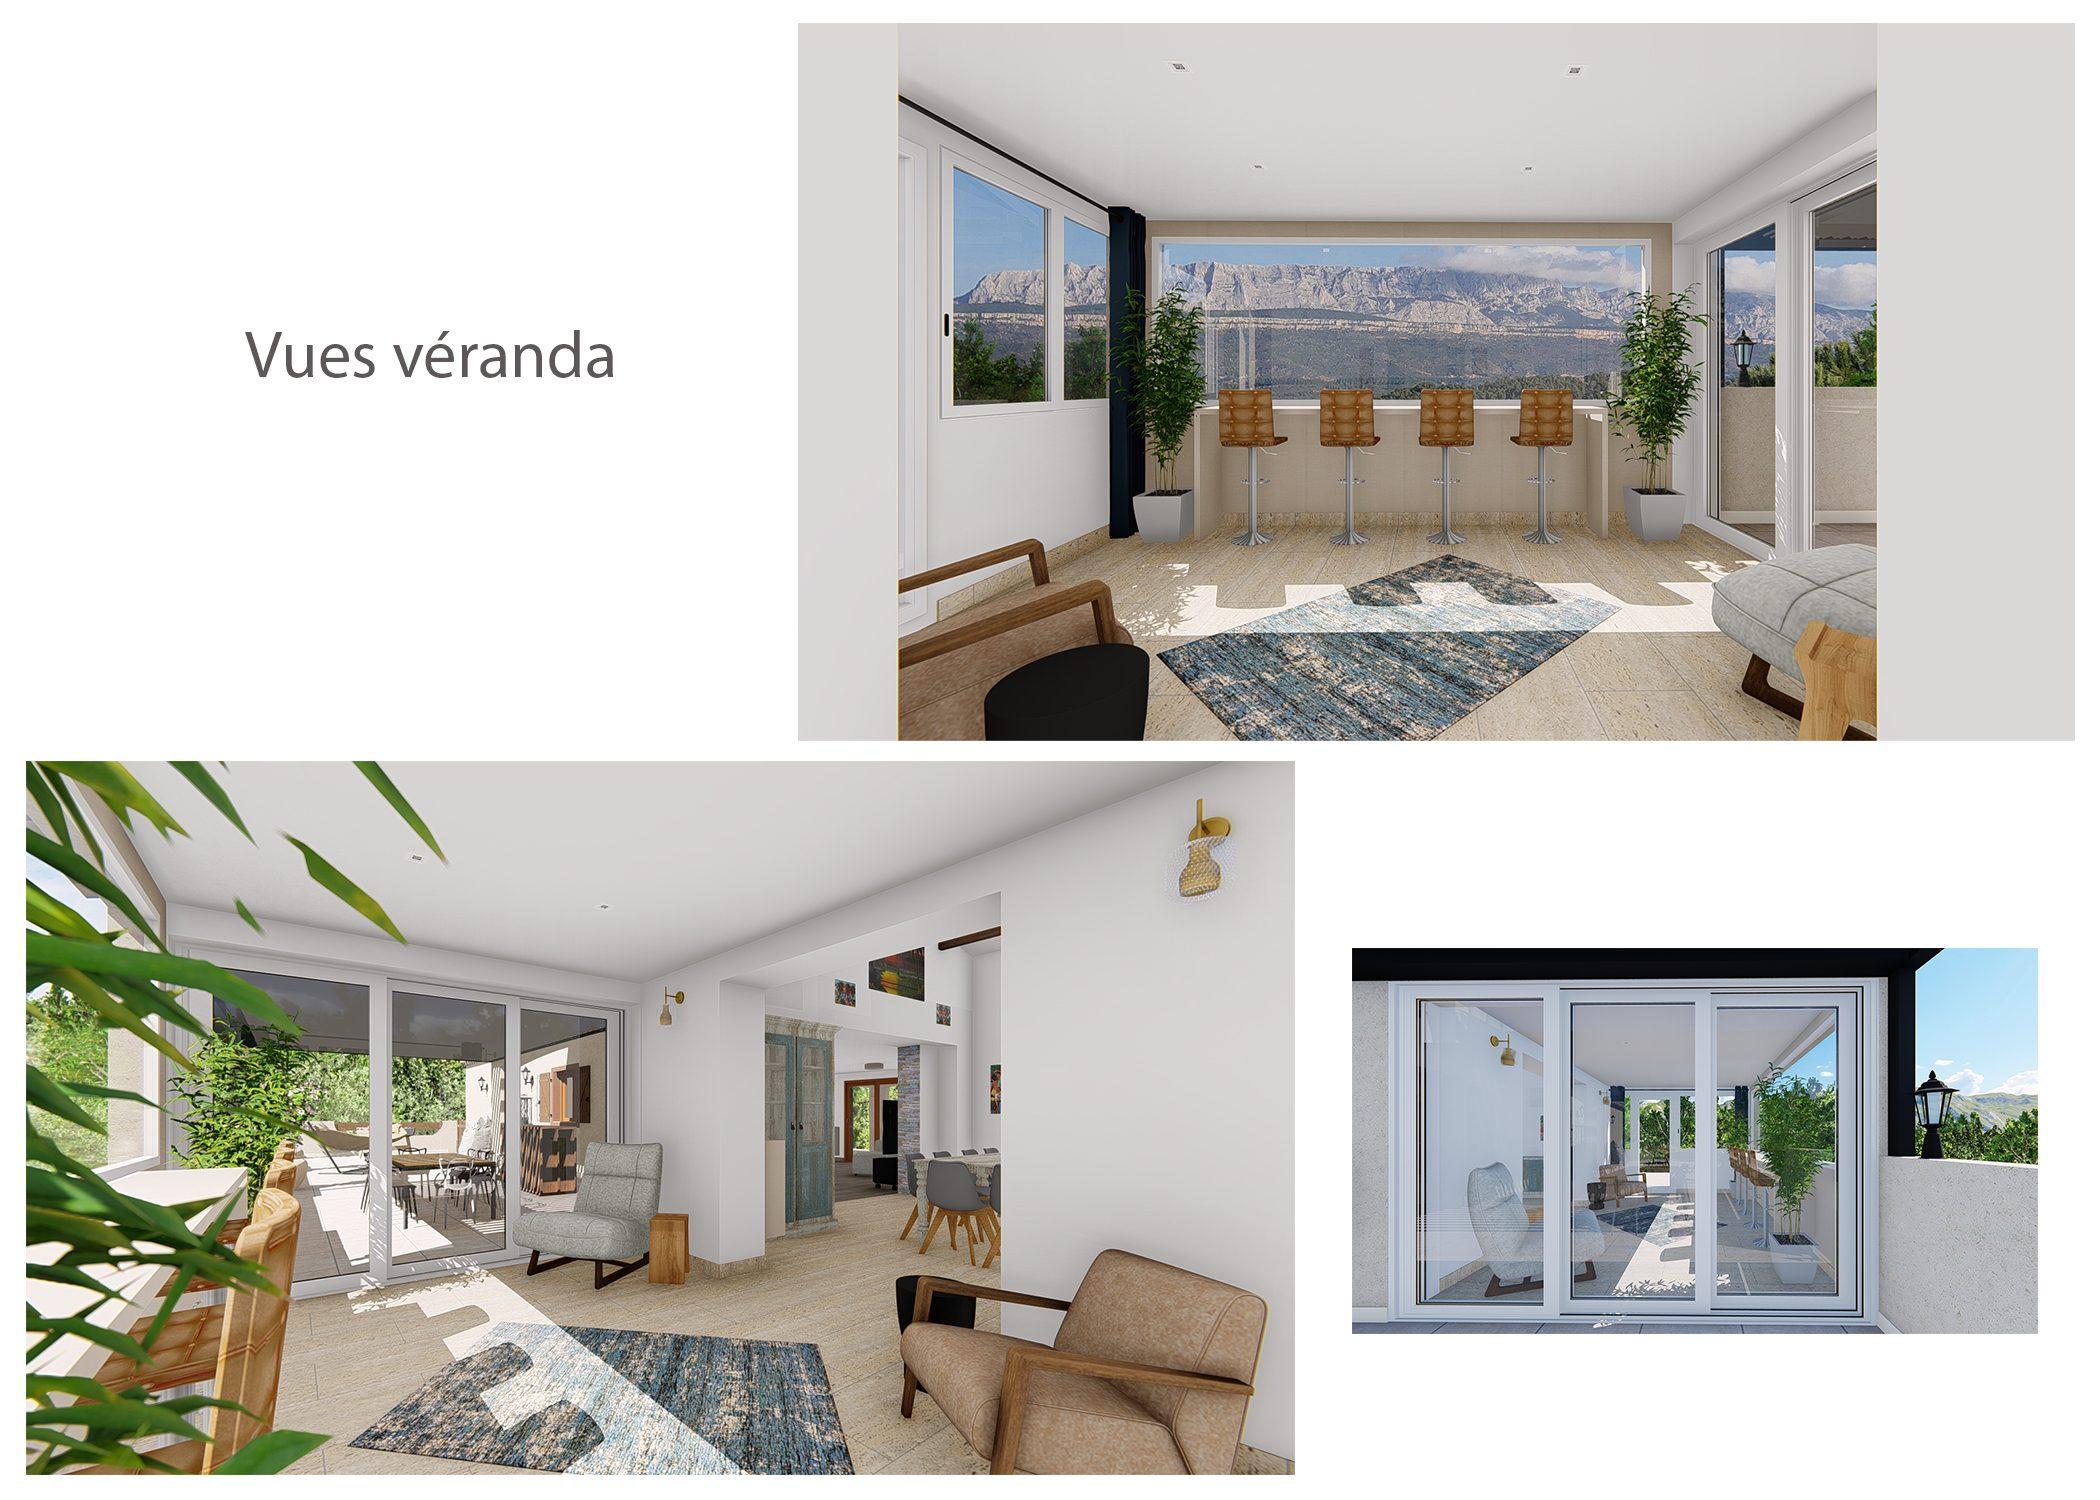 amenagement-decoration-espace de vie et terrasse fuveau-vues veranda-dekho design